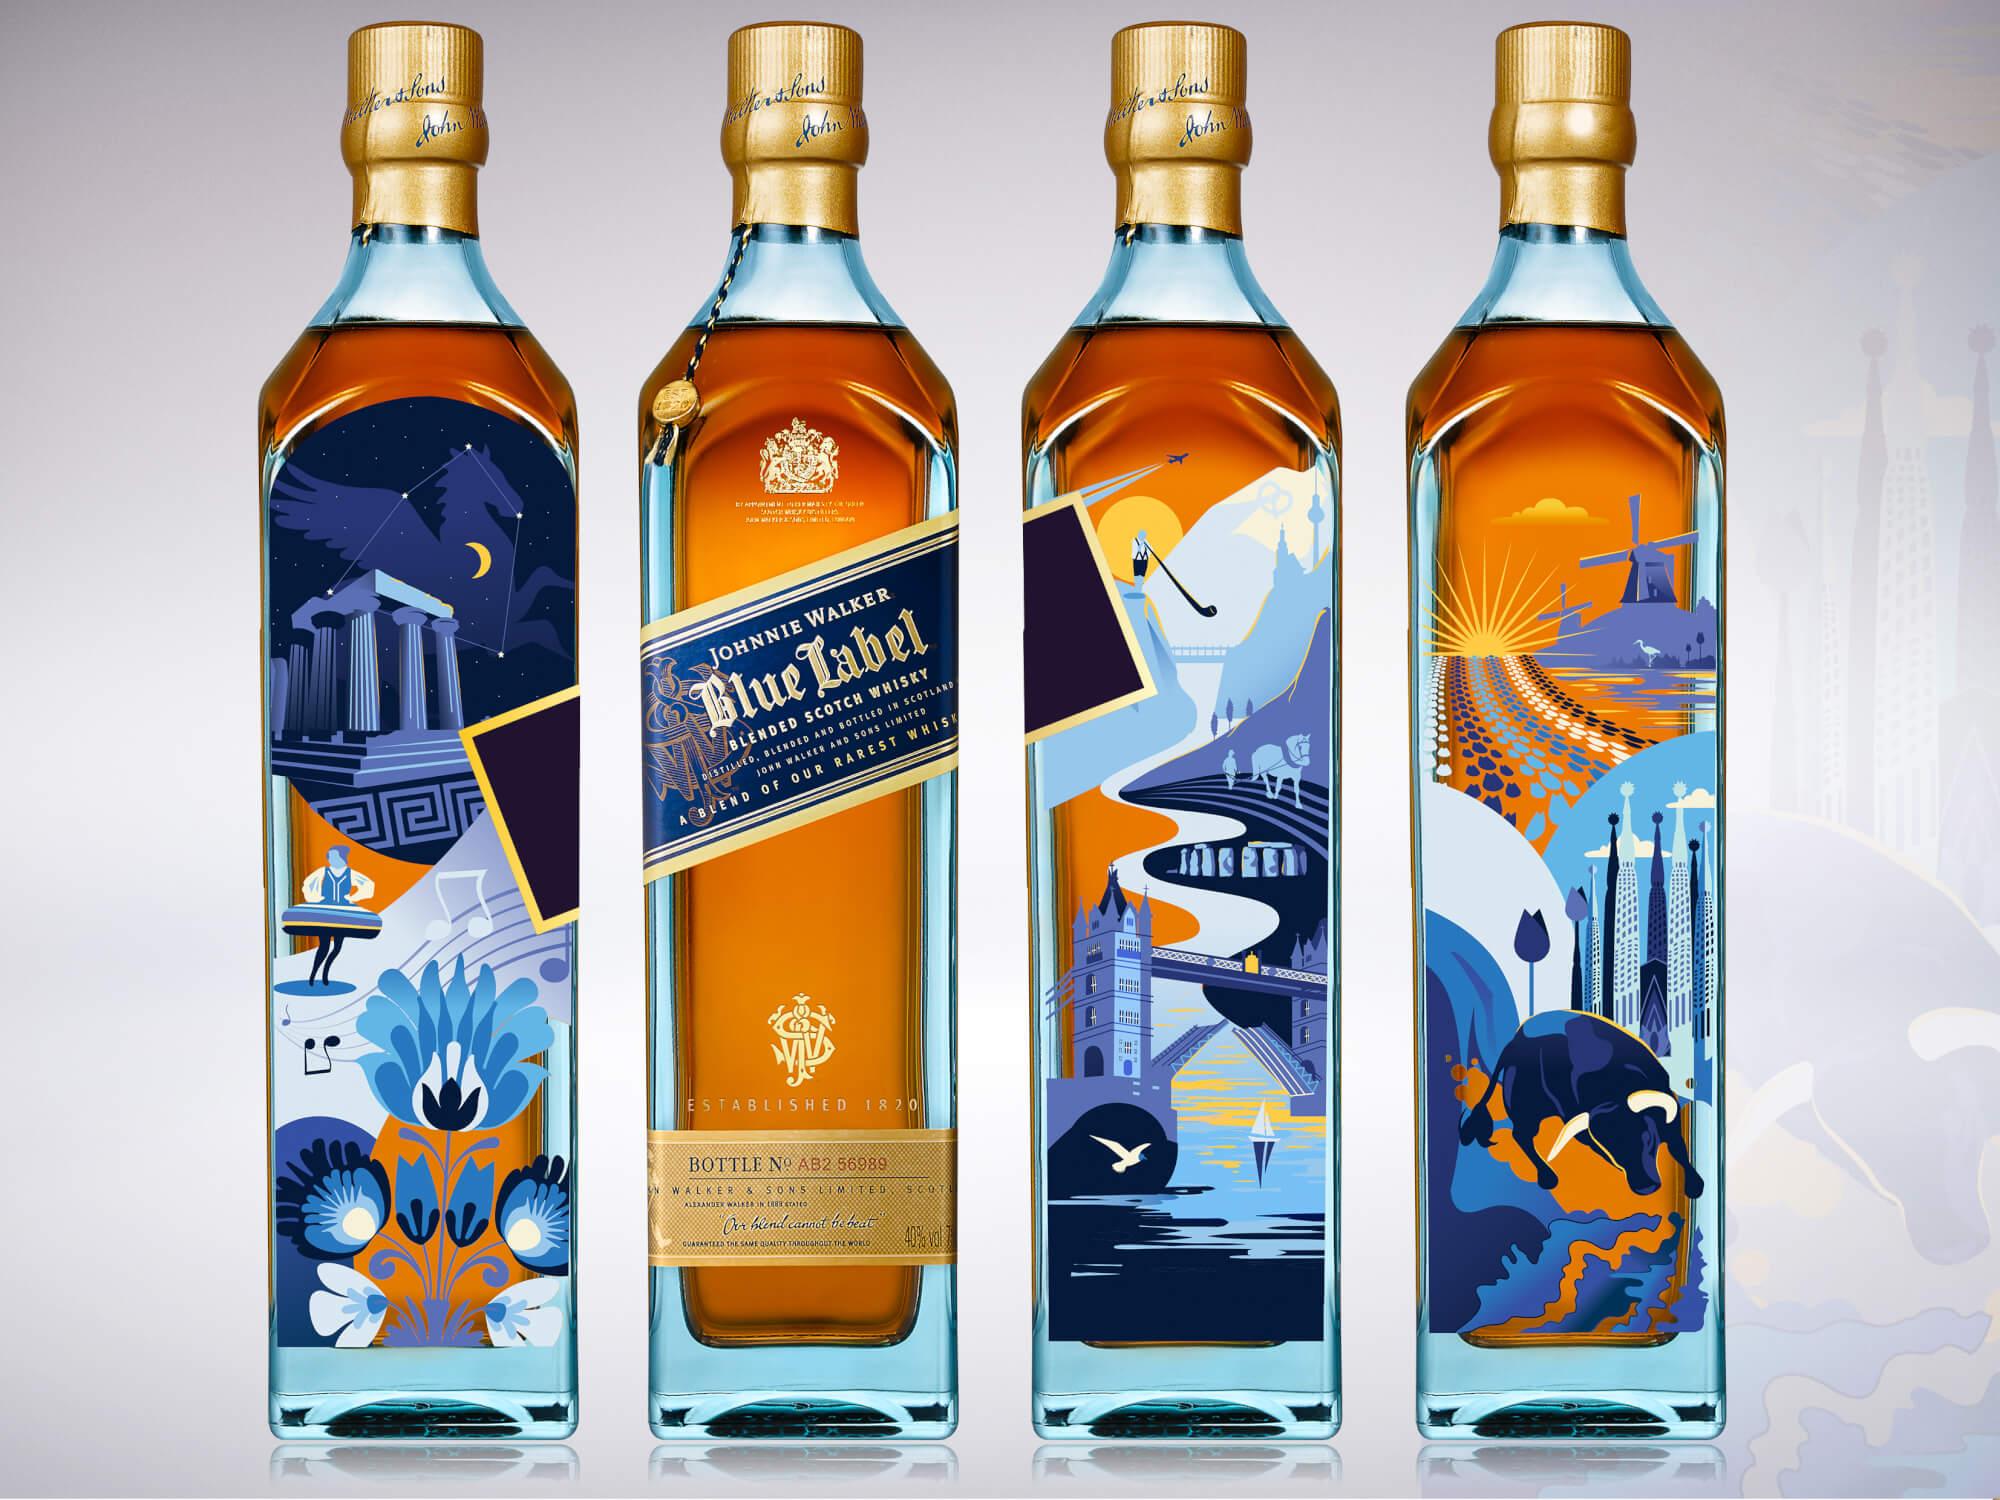 Johnnie Walker Blue Label Design - Krysten Newby